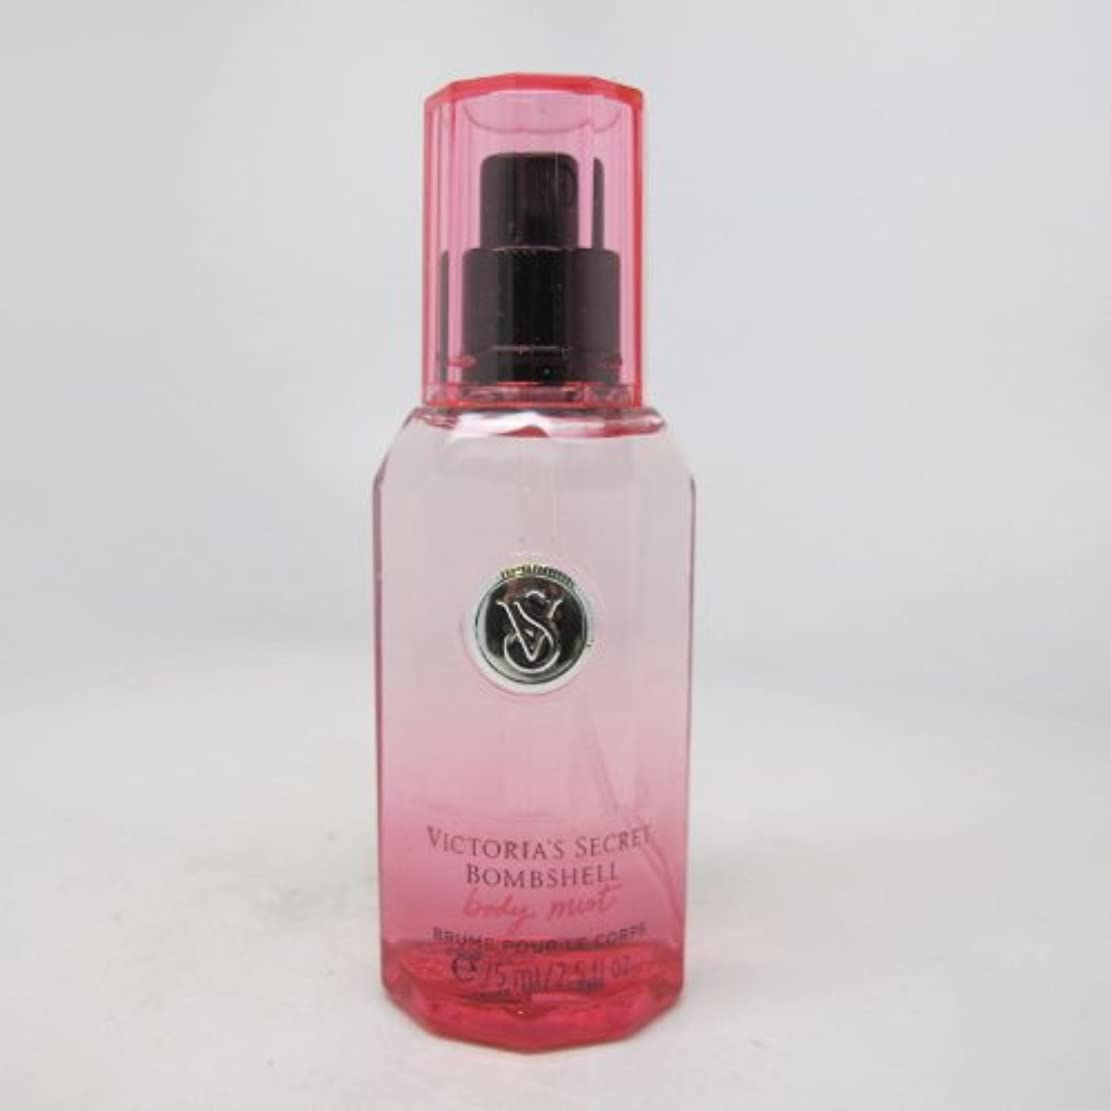 ルーインターネットどれかBombshell (ボム シェル) 2.5 oz (75ml) Body Mist by Victoria Secret for Women[海外直送品]